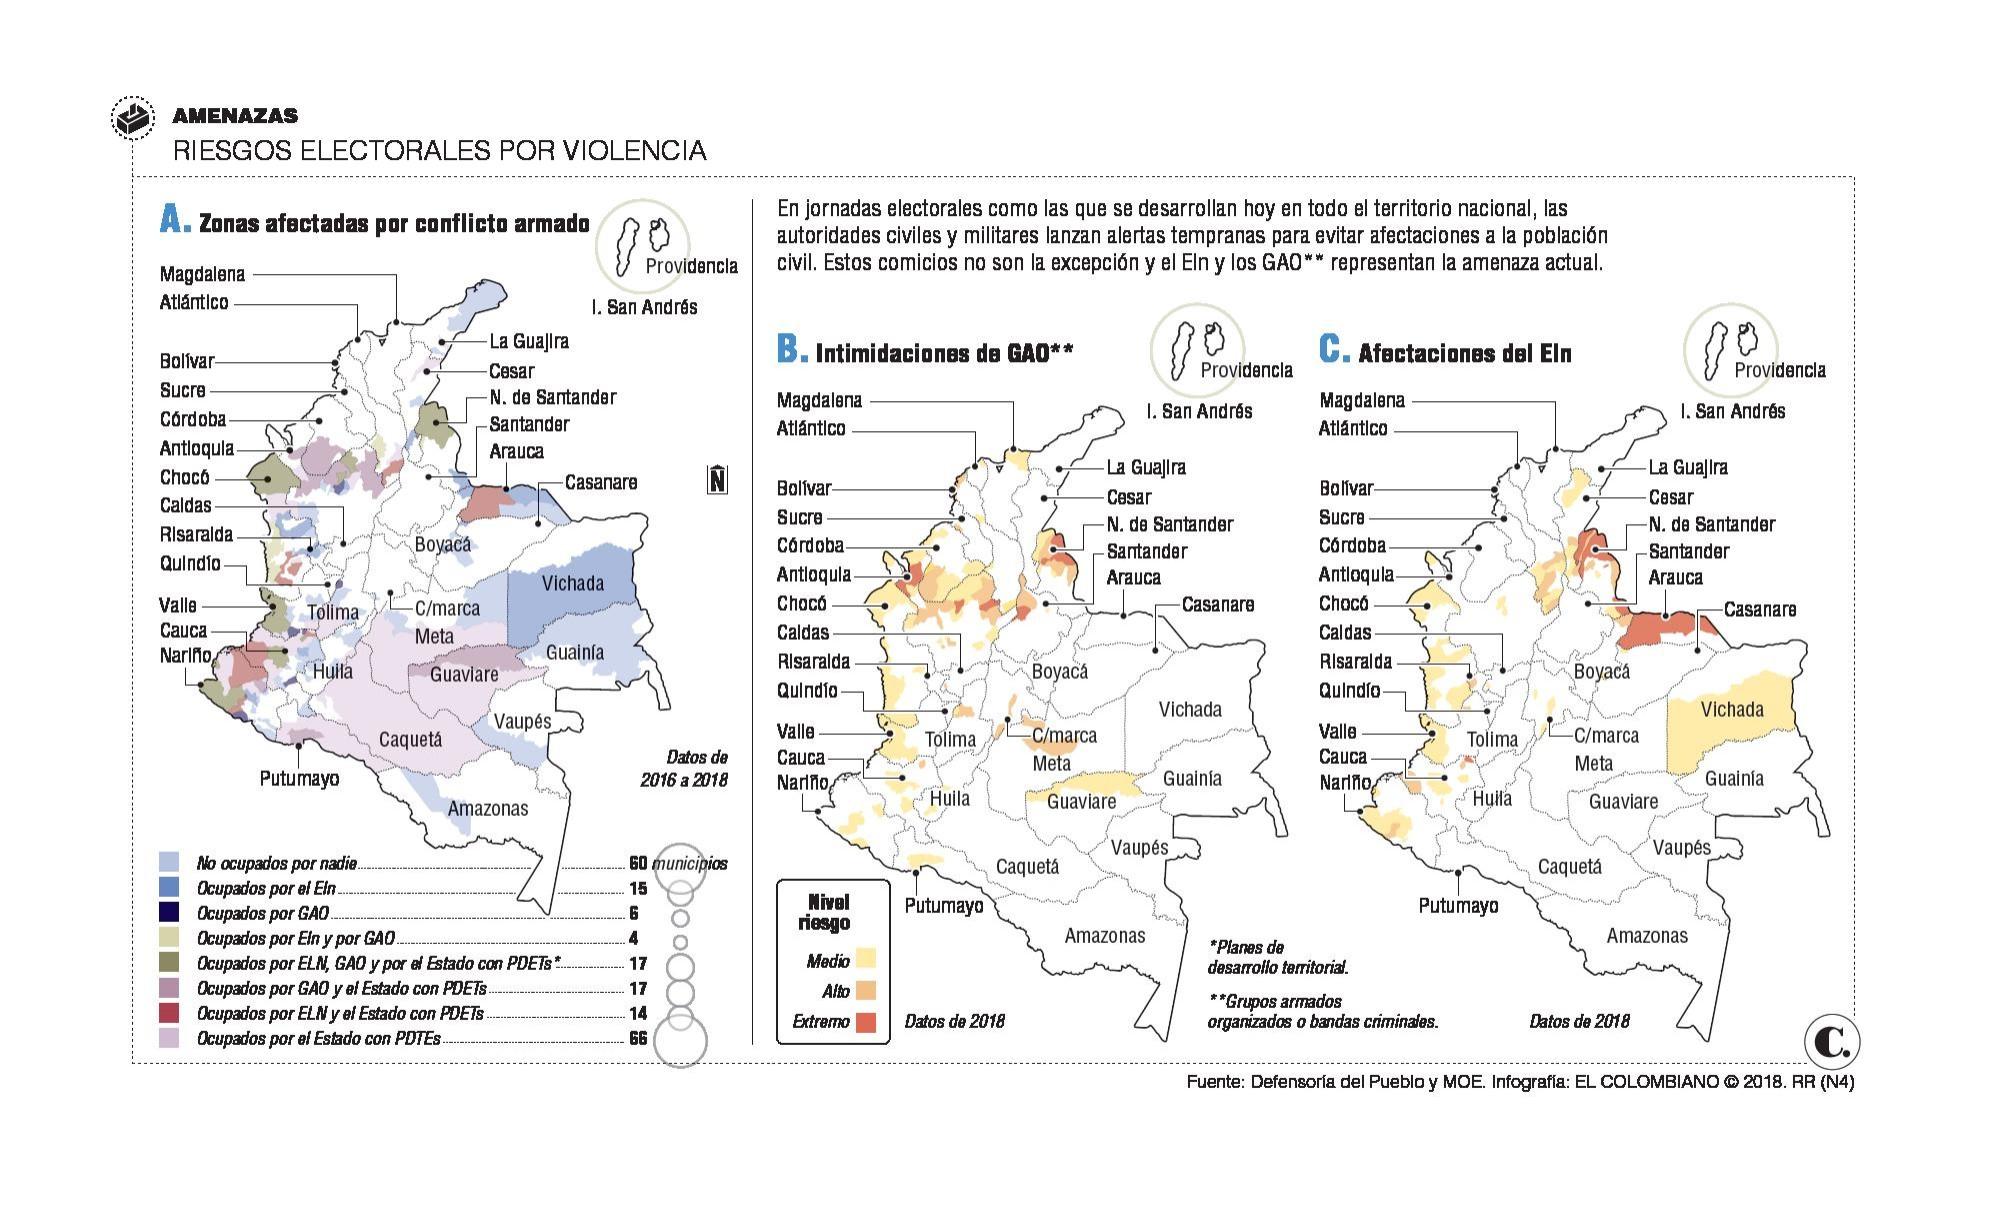 Colombia vota sin <br />los fusiles de las Farc